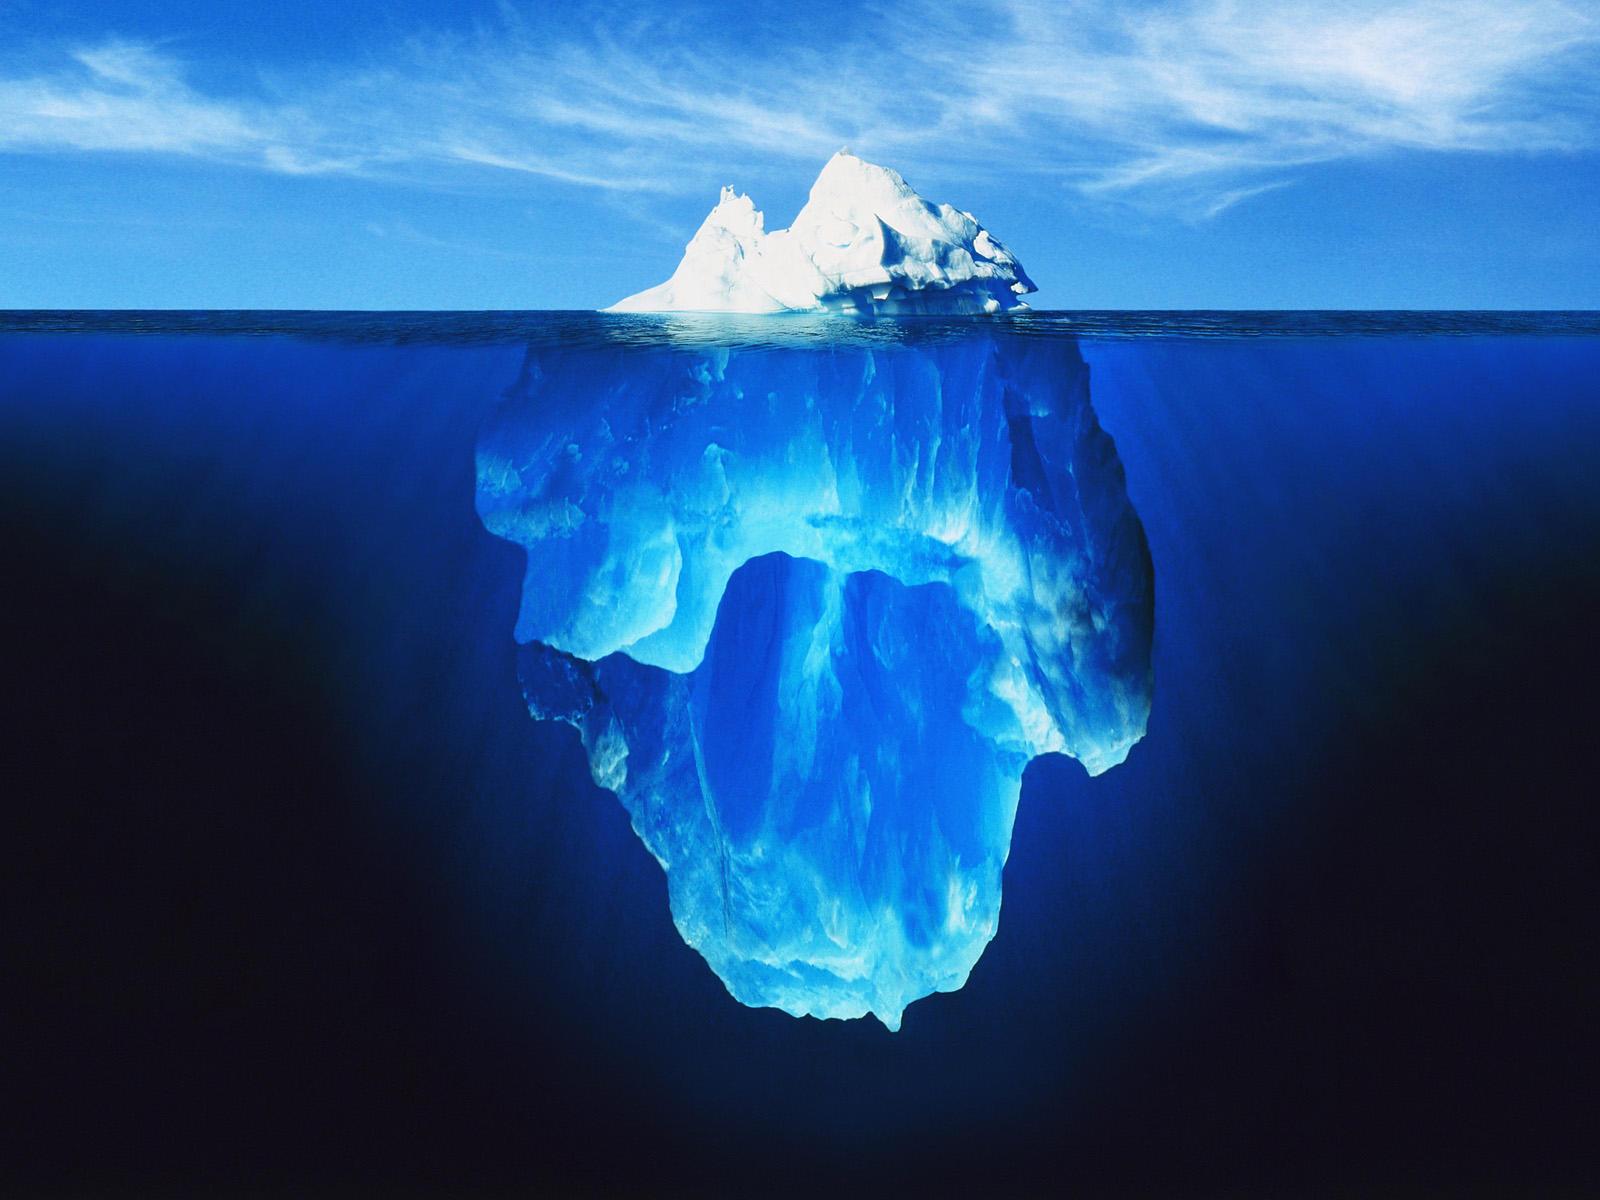 Iceberg Clipart & Iceberg Clip Art Images.